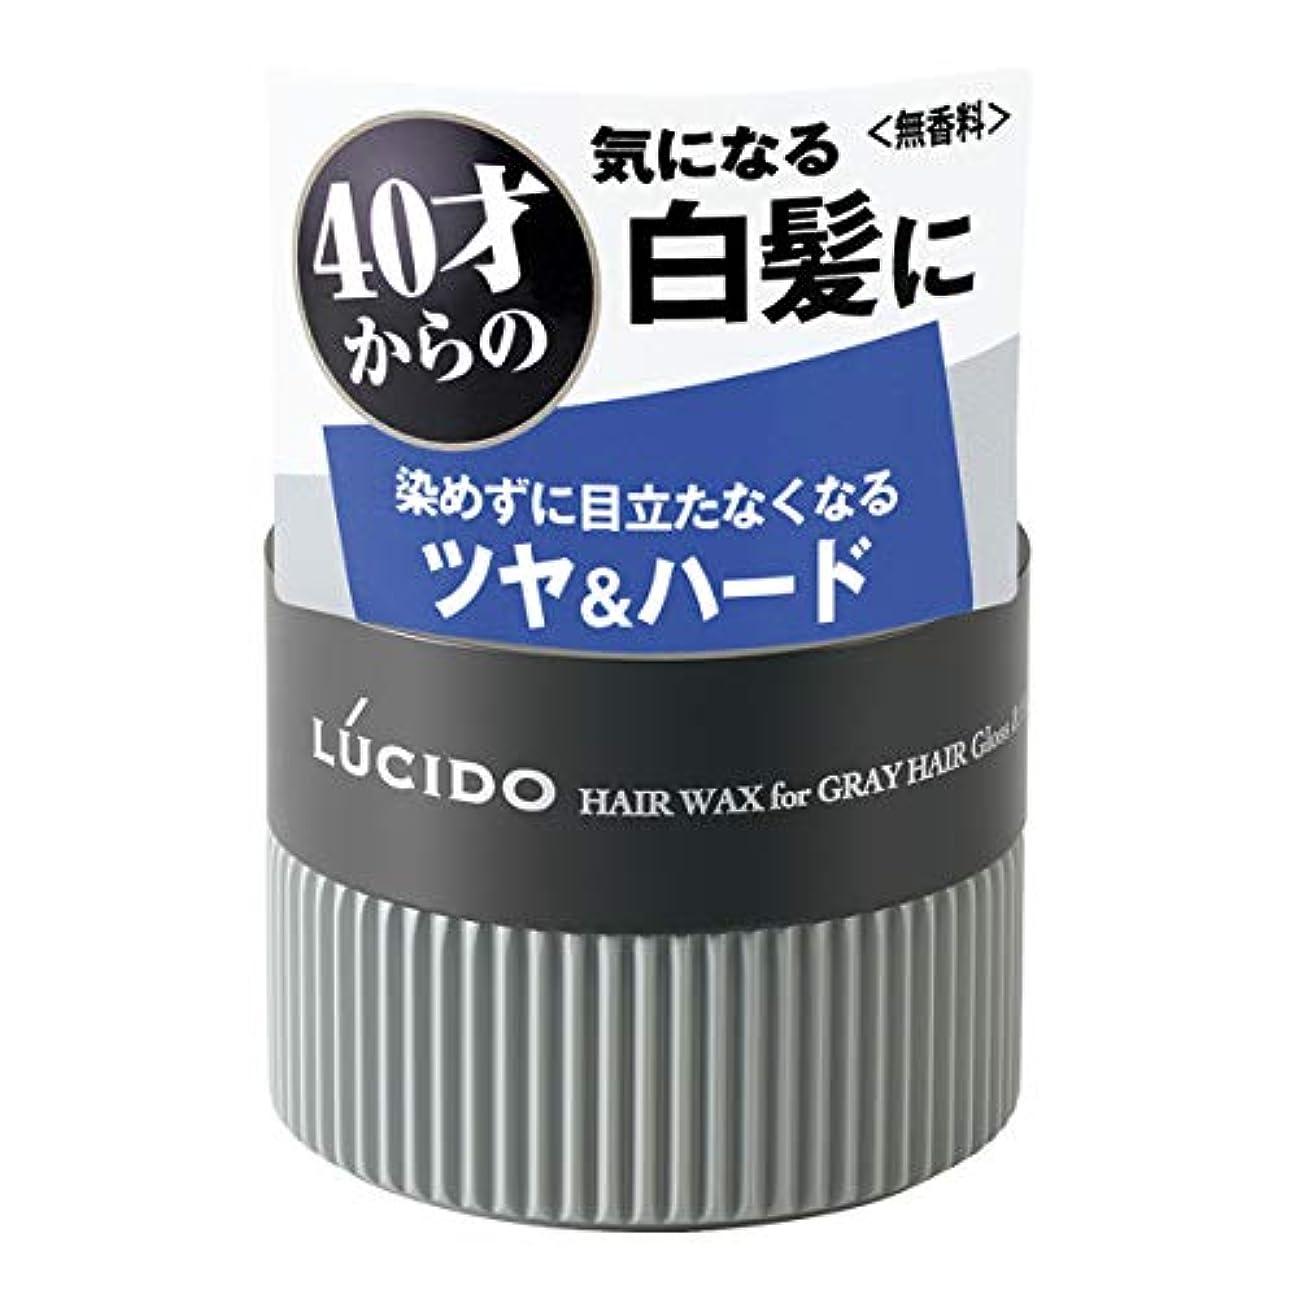 とんでもない王族教師の日LUCIDO(ルシード) ヘアワックス 白髪用ワックス グロス&ハード 80g